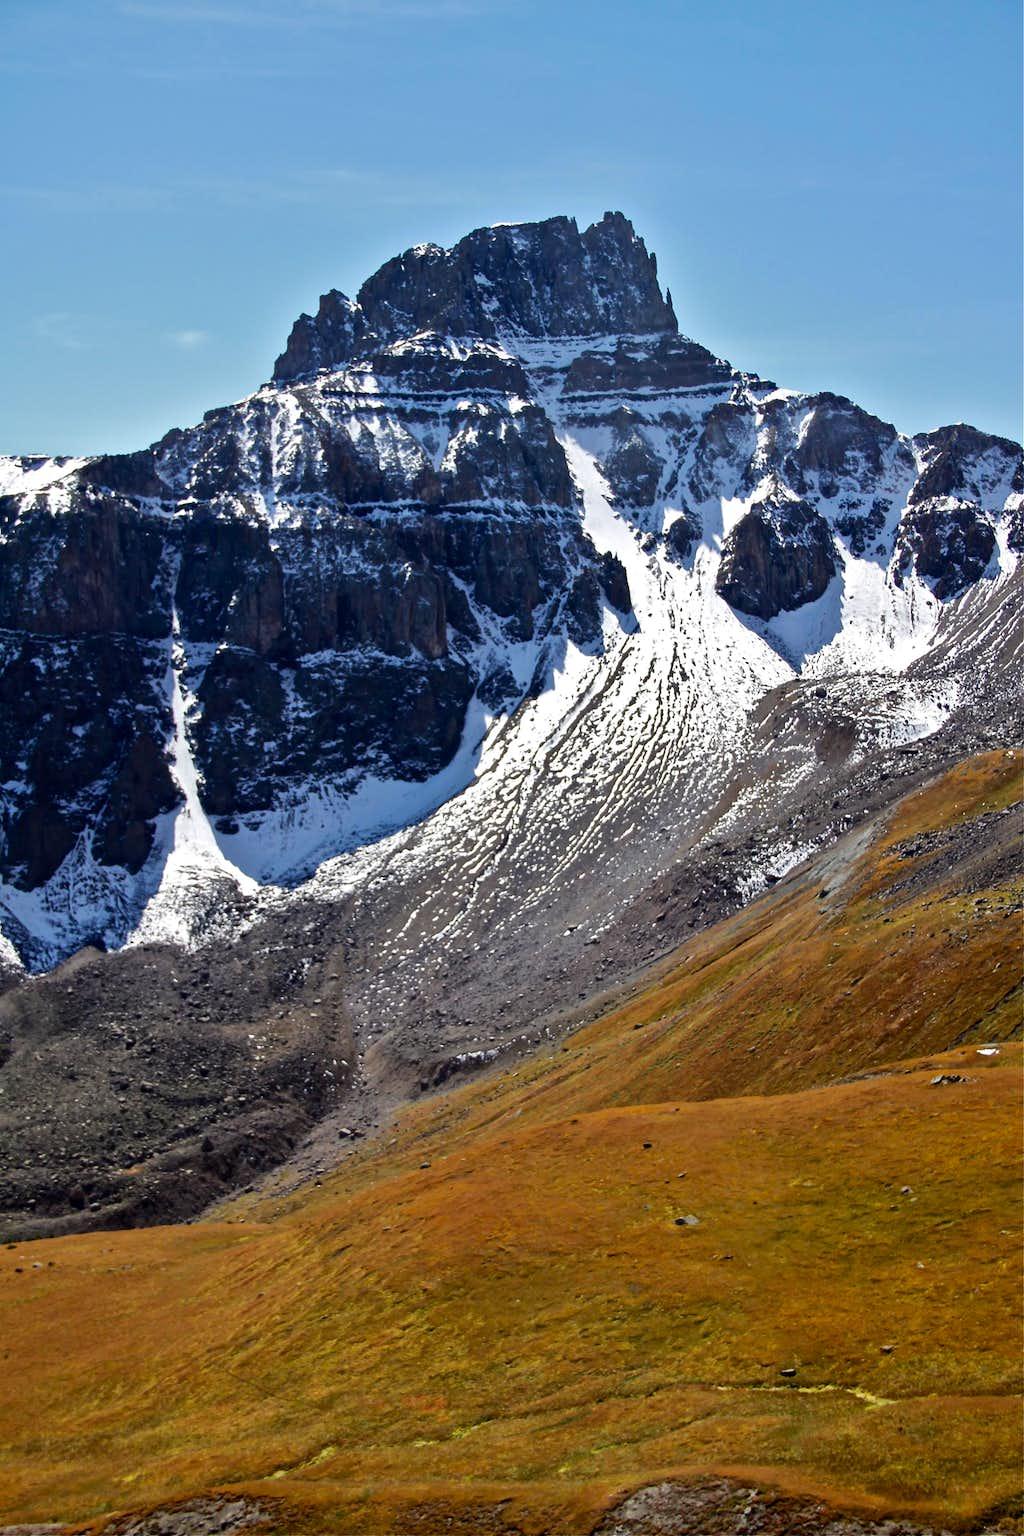 North Face of Potosi Peak